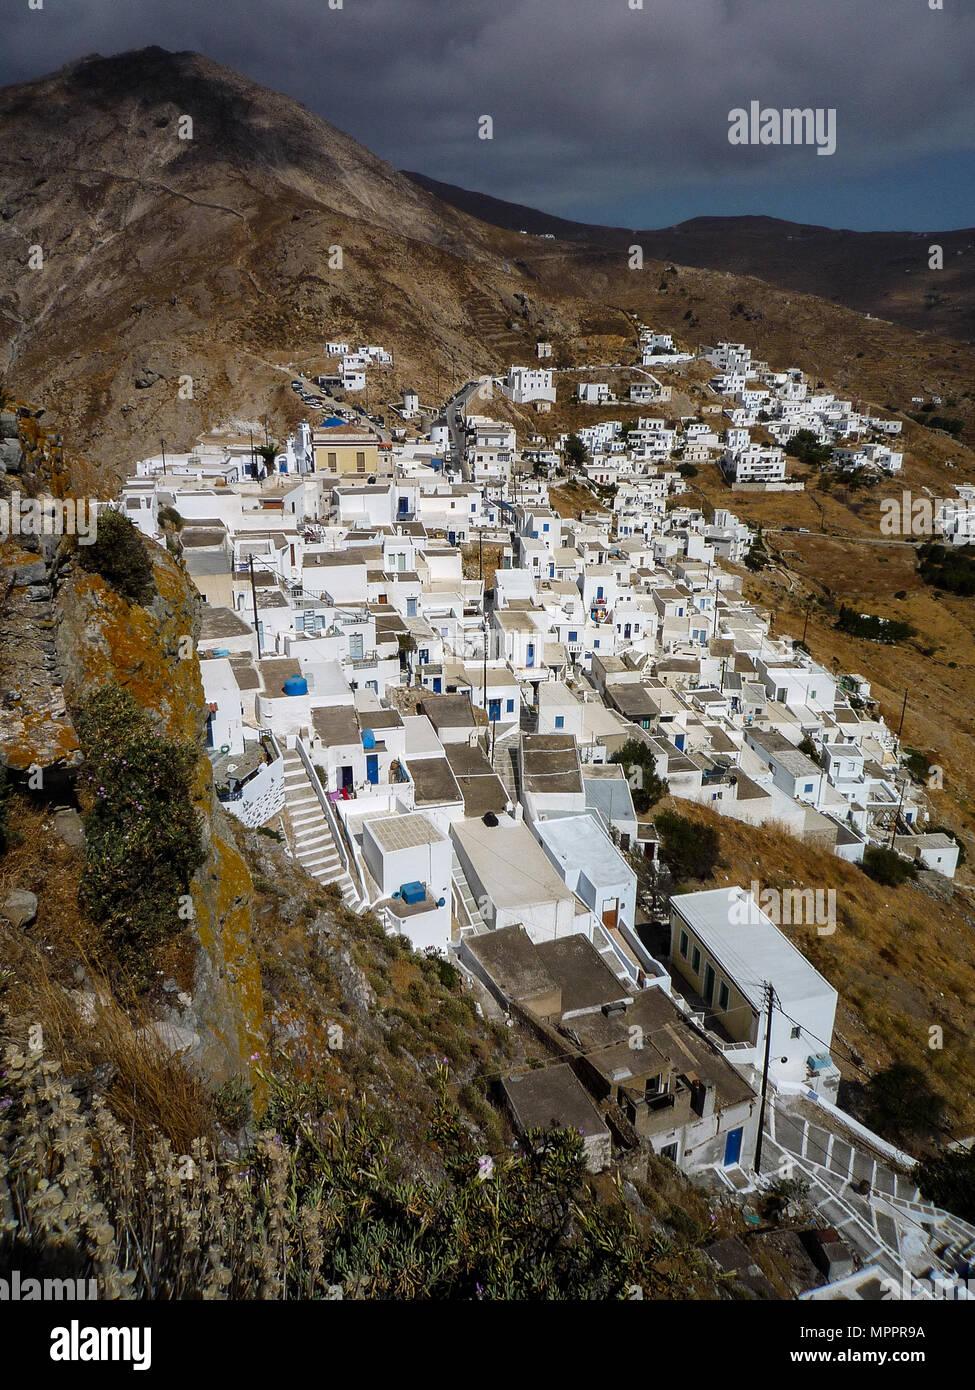 Grecia Serifos Islas Ccladas 21 08 2007 La Aldea De Hora Rodeado